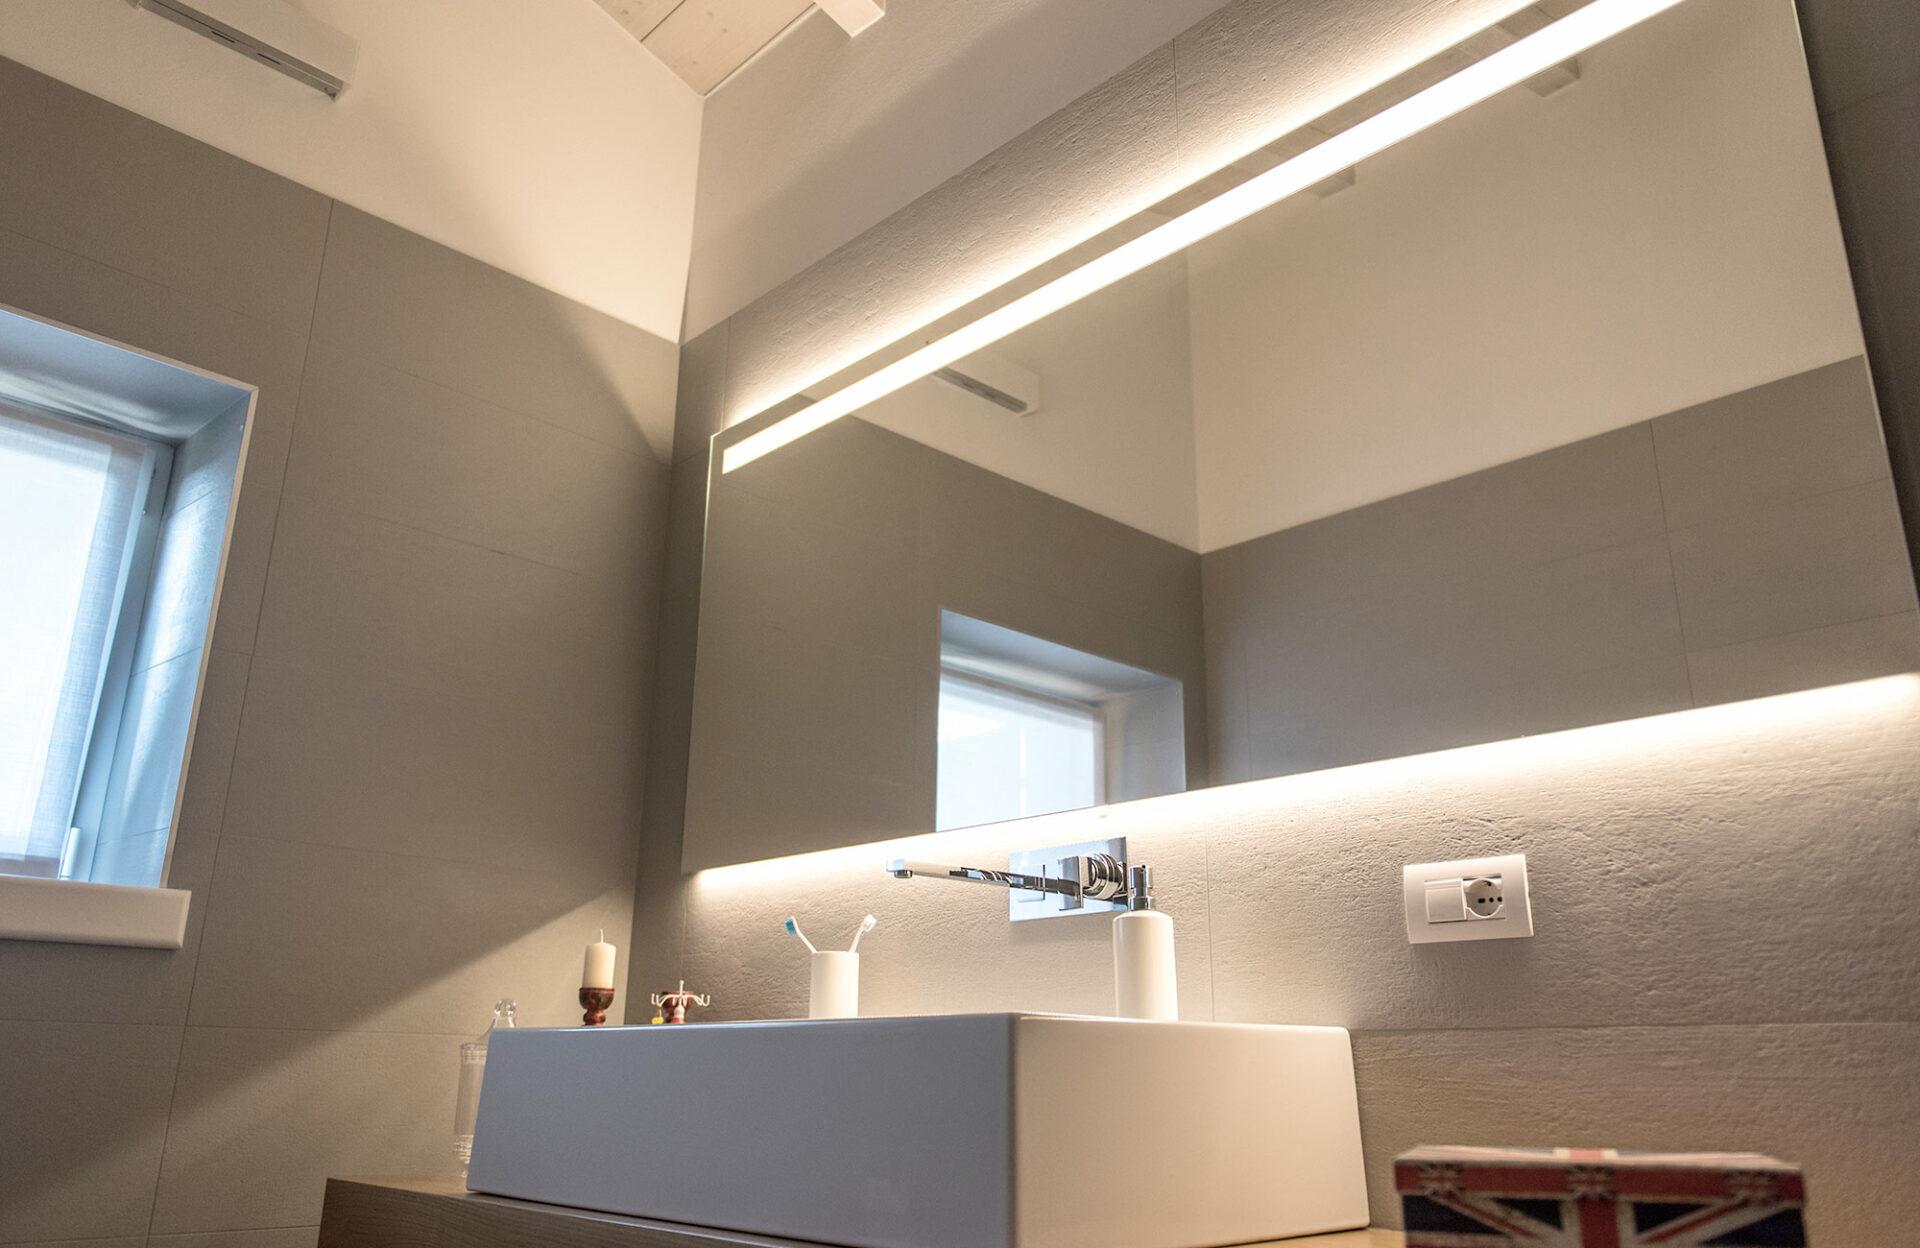 Illuminare con led illuminare casa con stile strisce e profili